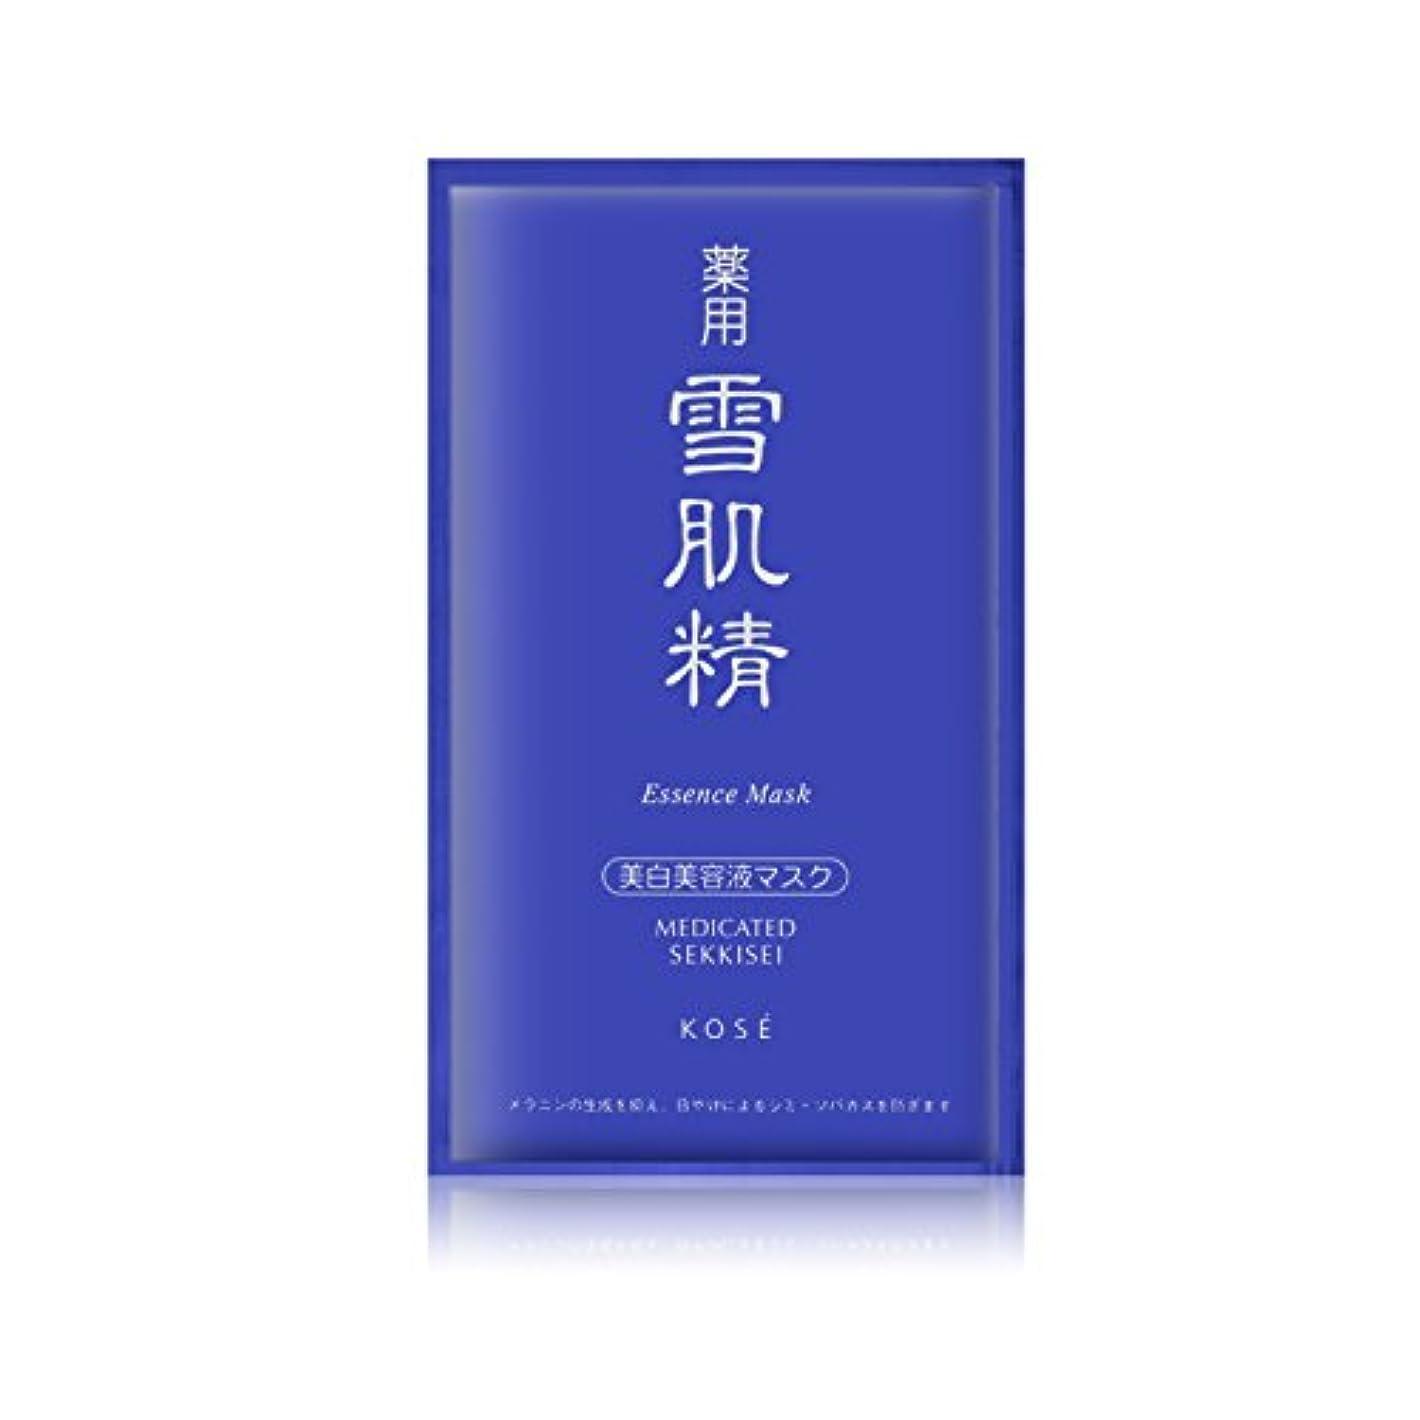 コーセー 薬用 雪肌精エッセンスマスク 6x24ml